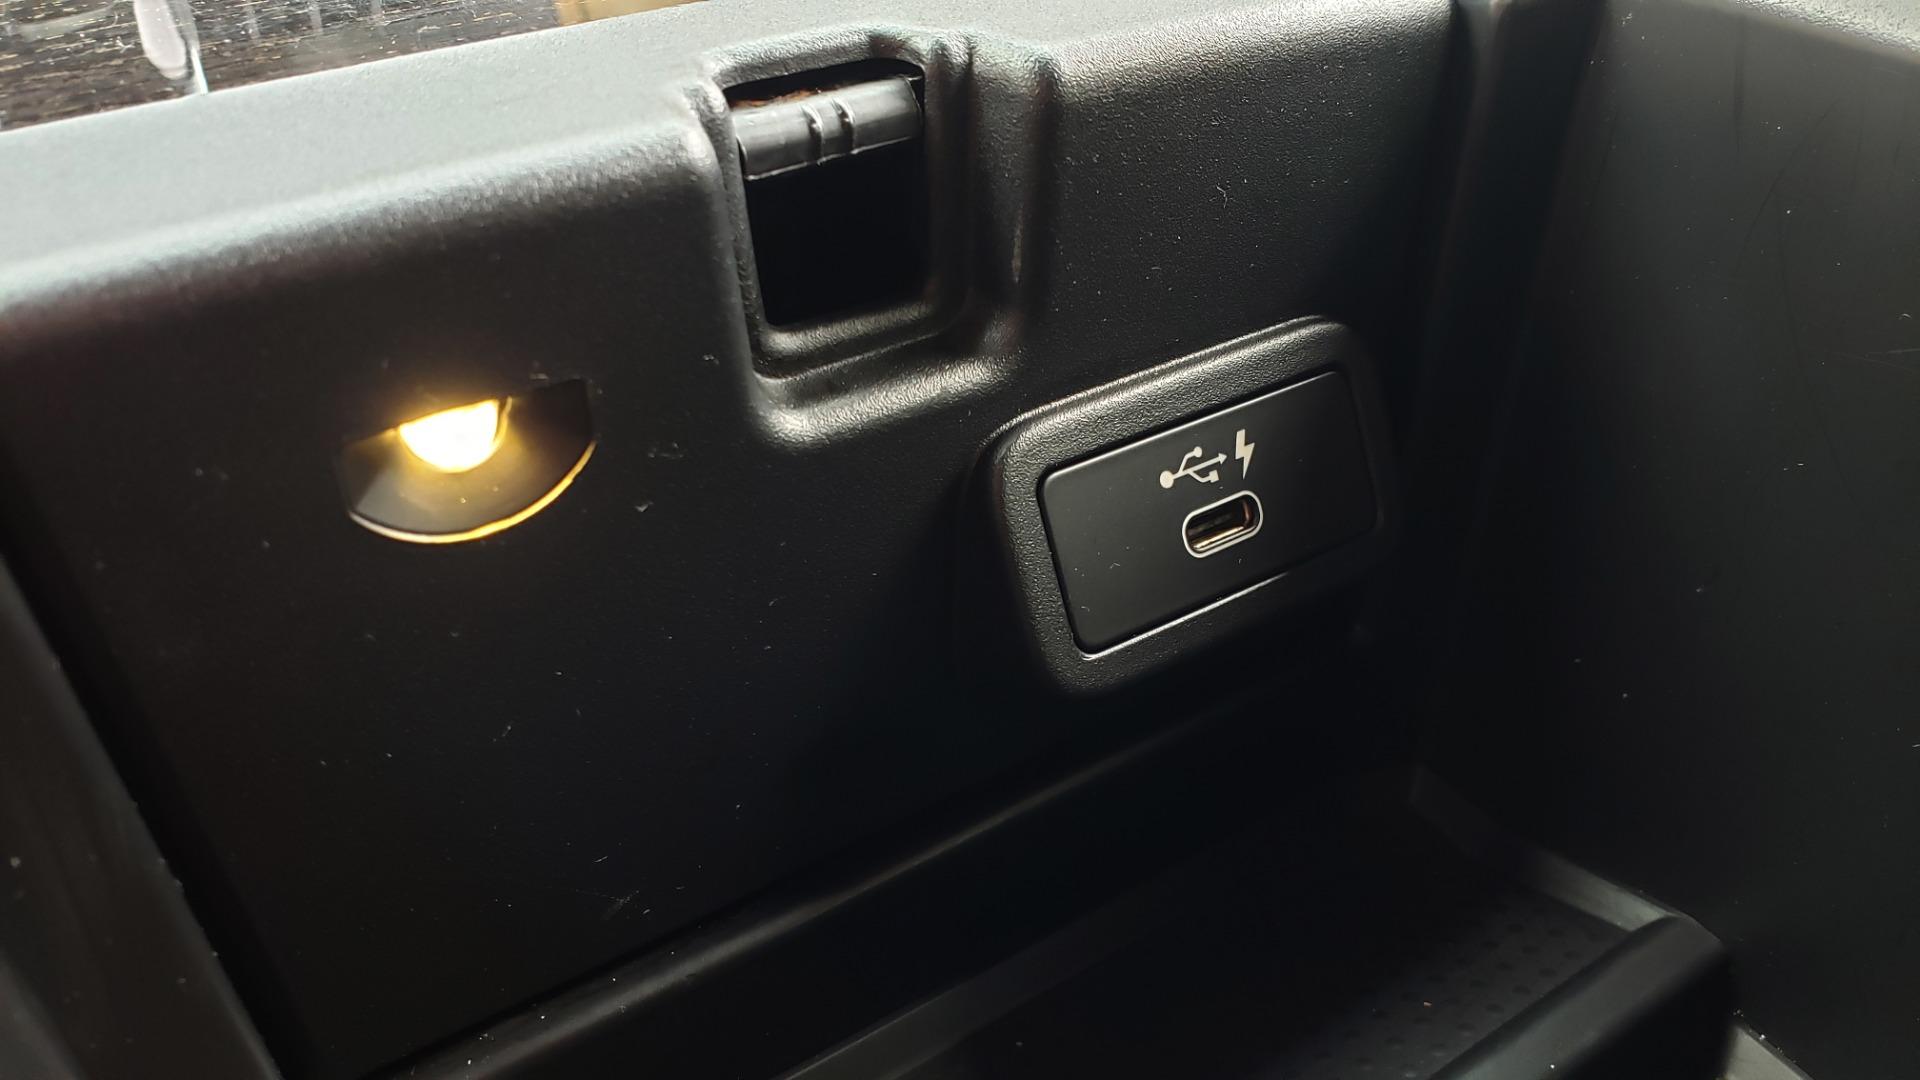 Used 2019 BMW 3 SERIES 330I PREM PKG / NAV / CONV PKG / H&K SND / LIVE COCKPIT PRO for sale Sold at Formula Imports in Charlotte NC 28227 60